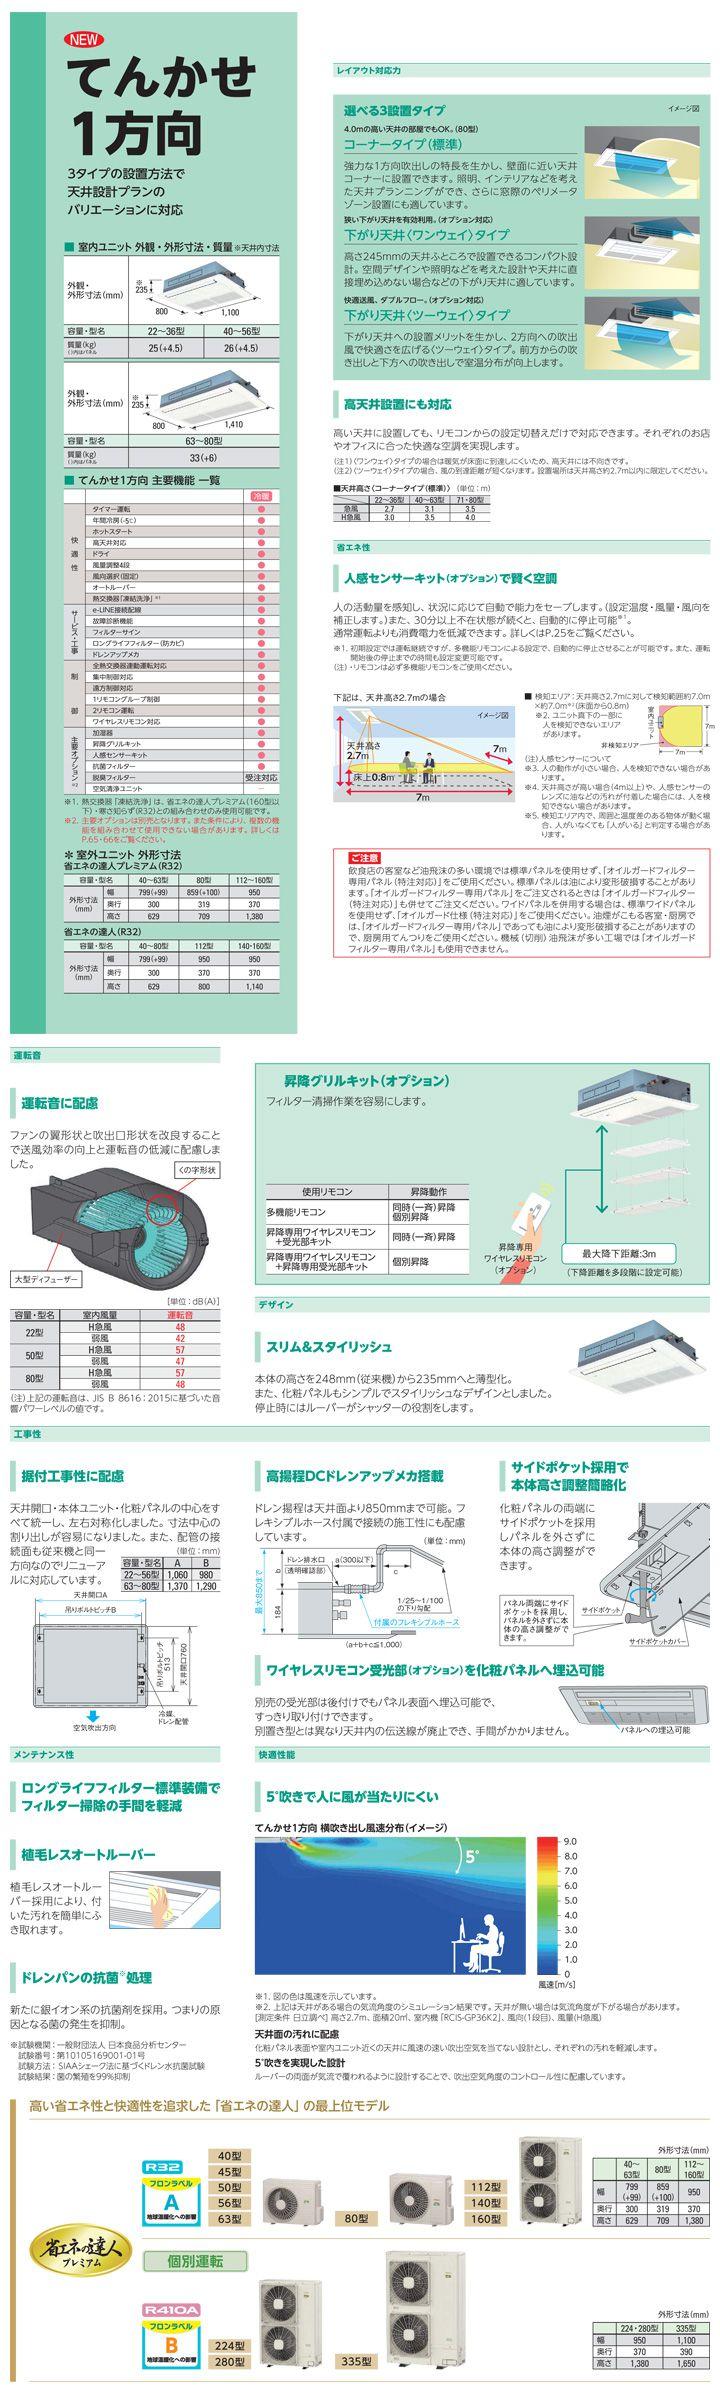 RCIS-GP56RGH3カタログ